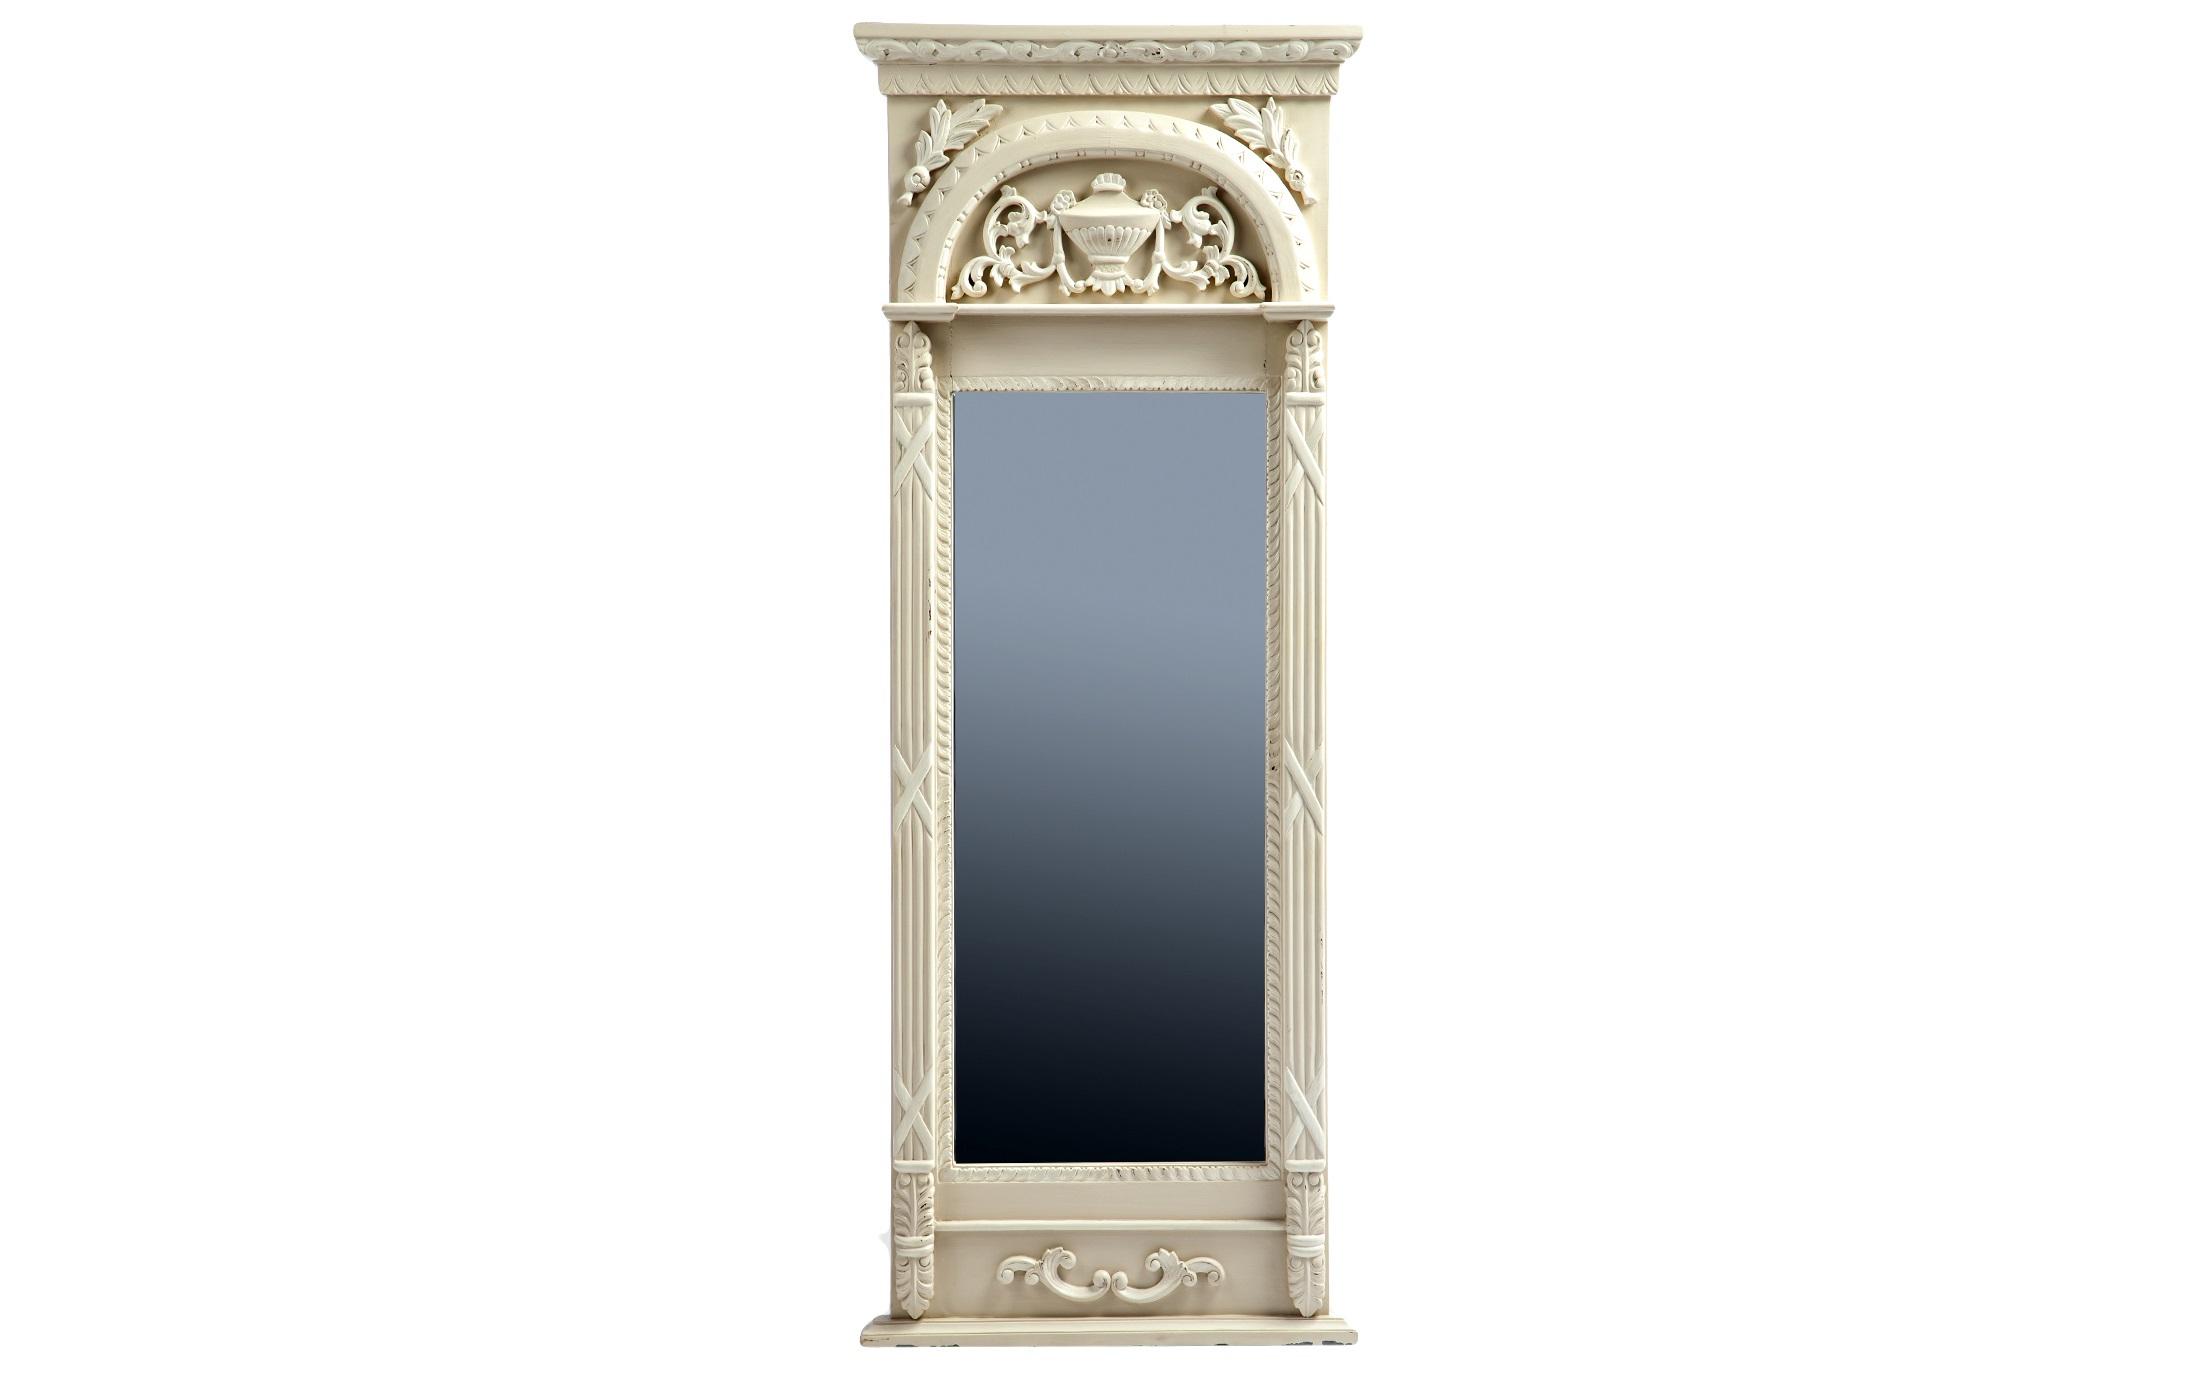 Зеркало ЛионНастенные зеркала<br>Зеркало в классическом стиле в раме из дерева махагони, украшенной резьбой с античным мотивом и старением.<br><br>Material: Красное дерево<br>Ширина см: 64<br>Высота см: 167<br>Глубина см: 10